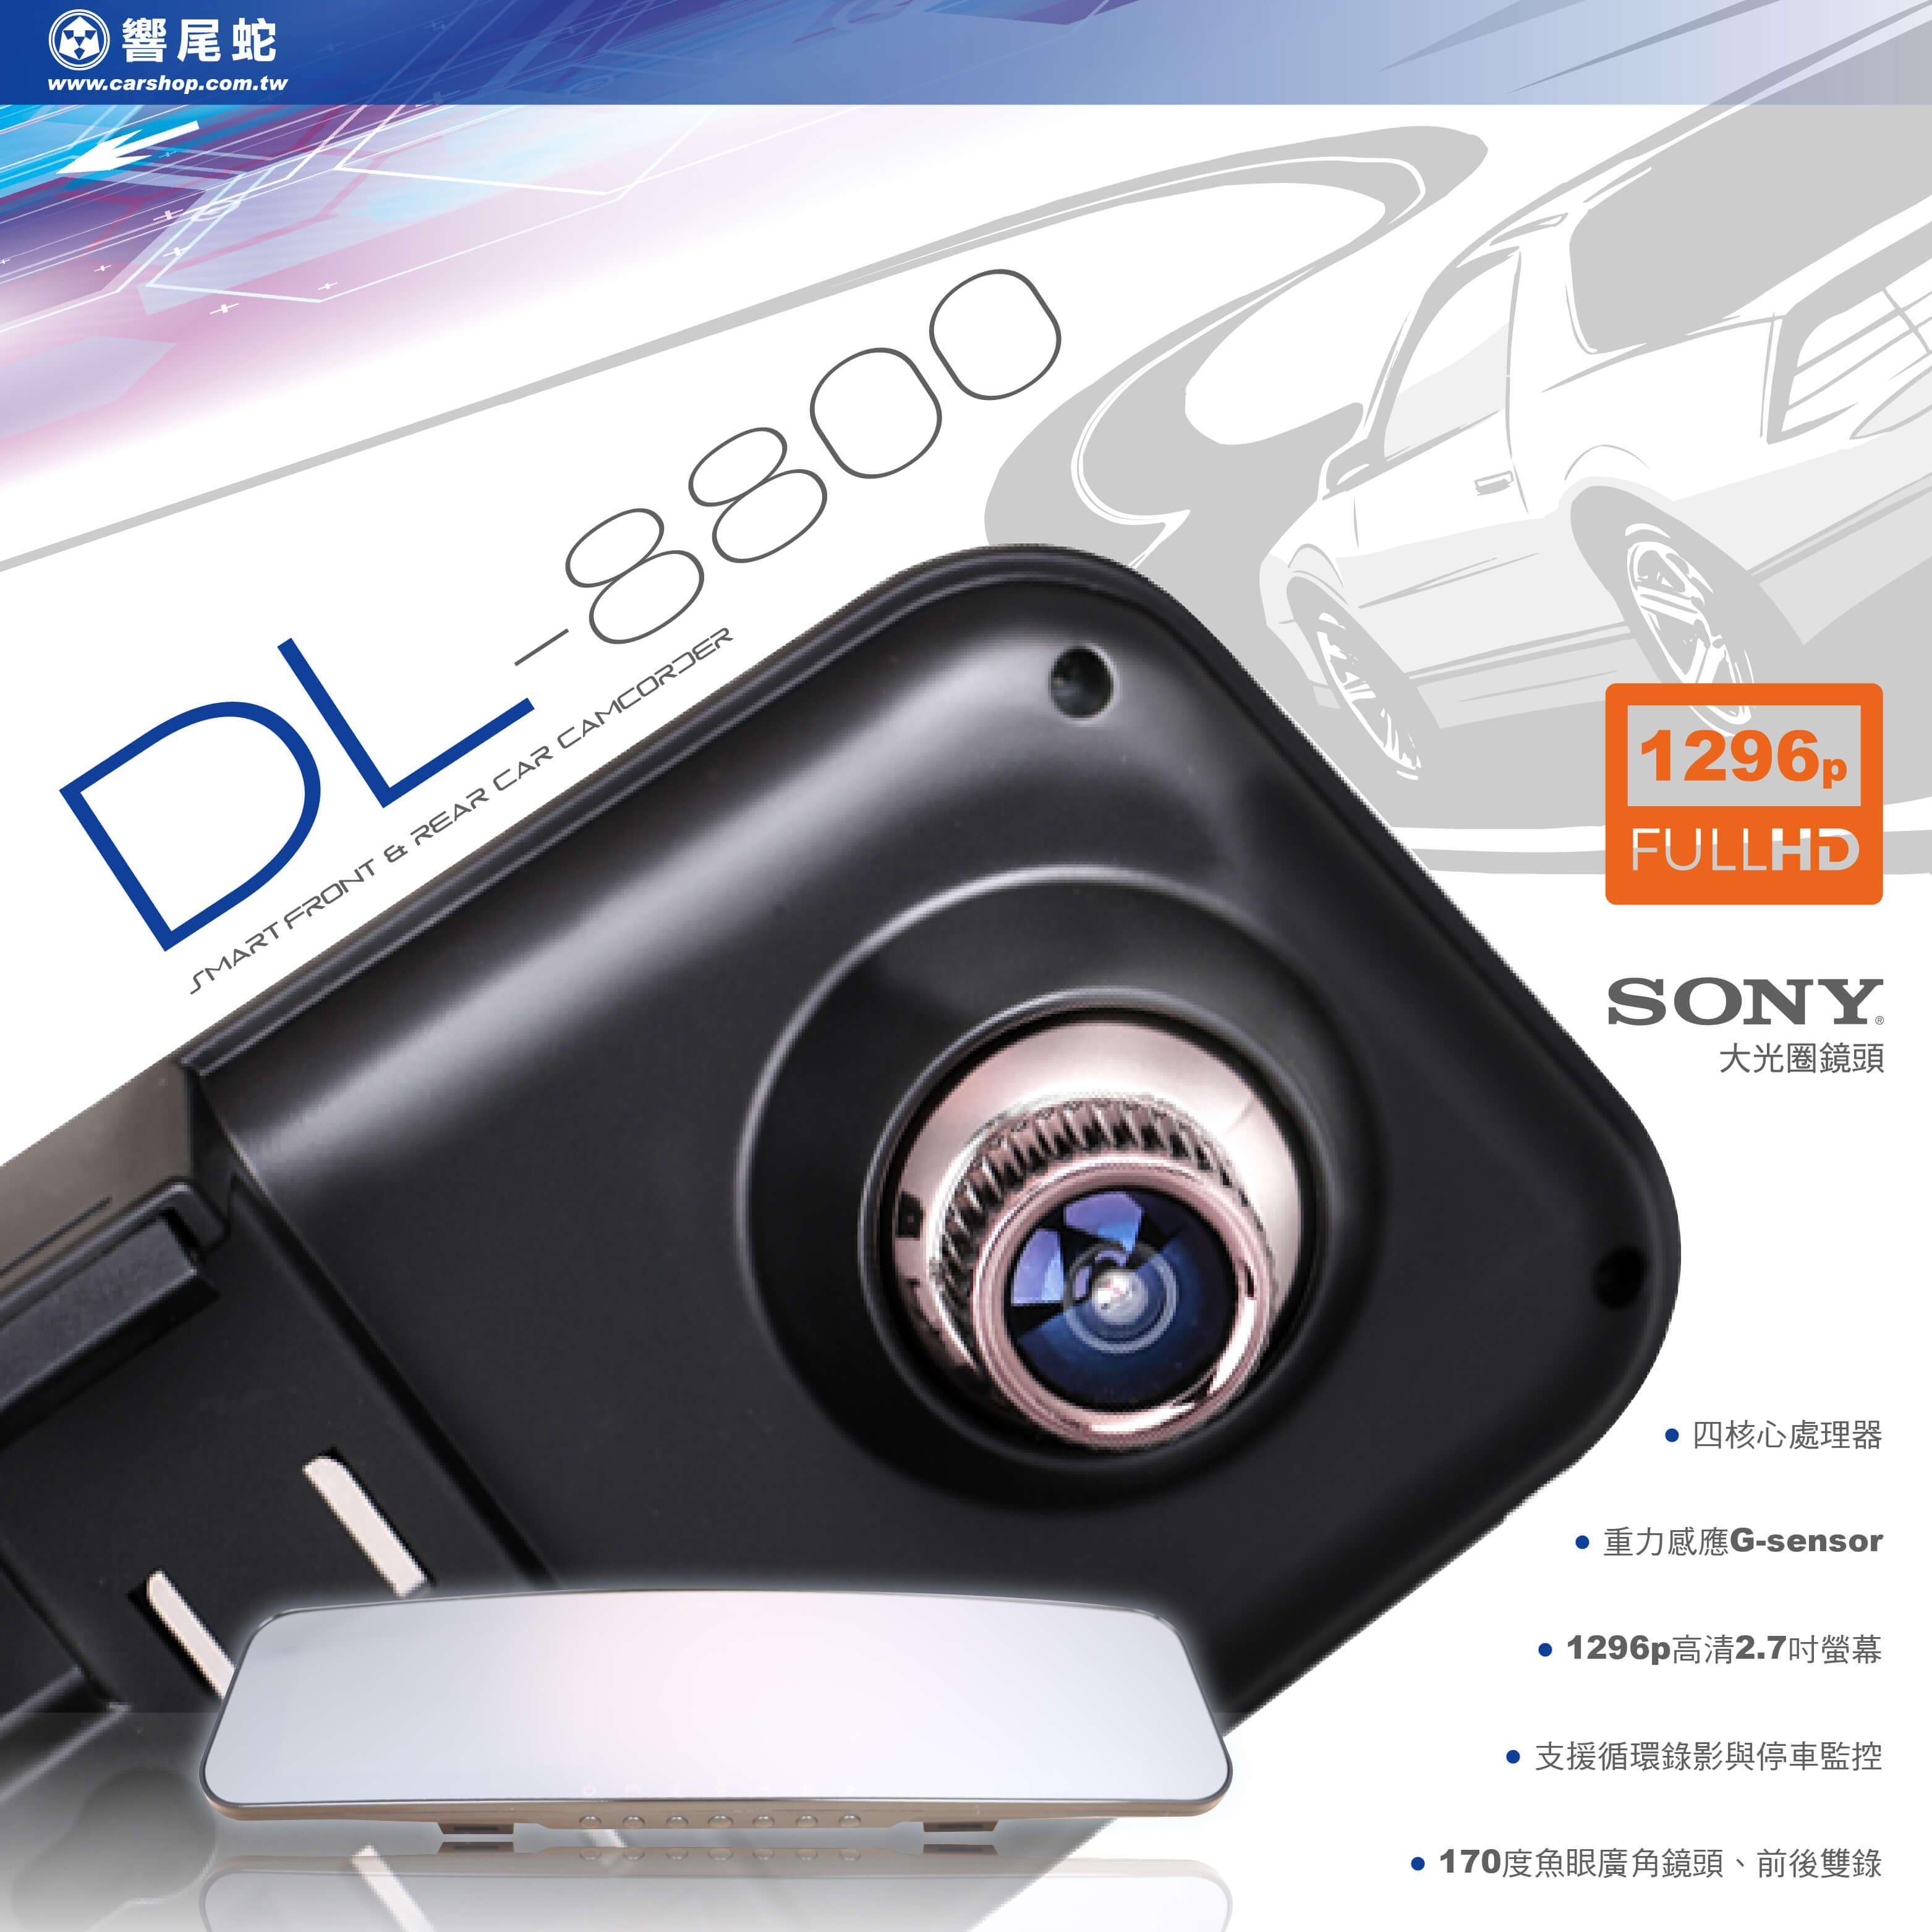 送16G卡『 響尾蛇 DL-8800 』8800/ 後視鏡+GPS固定測速器+行車記錄器+前後鏡頭/紀錄器/1296P/4核心/4.5吋螢幕/160度/另售Mio R58